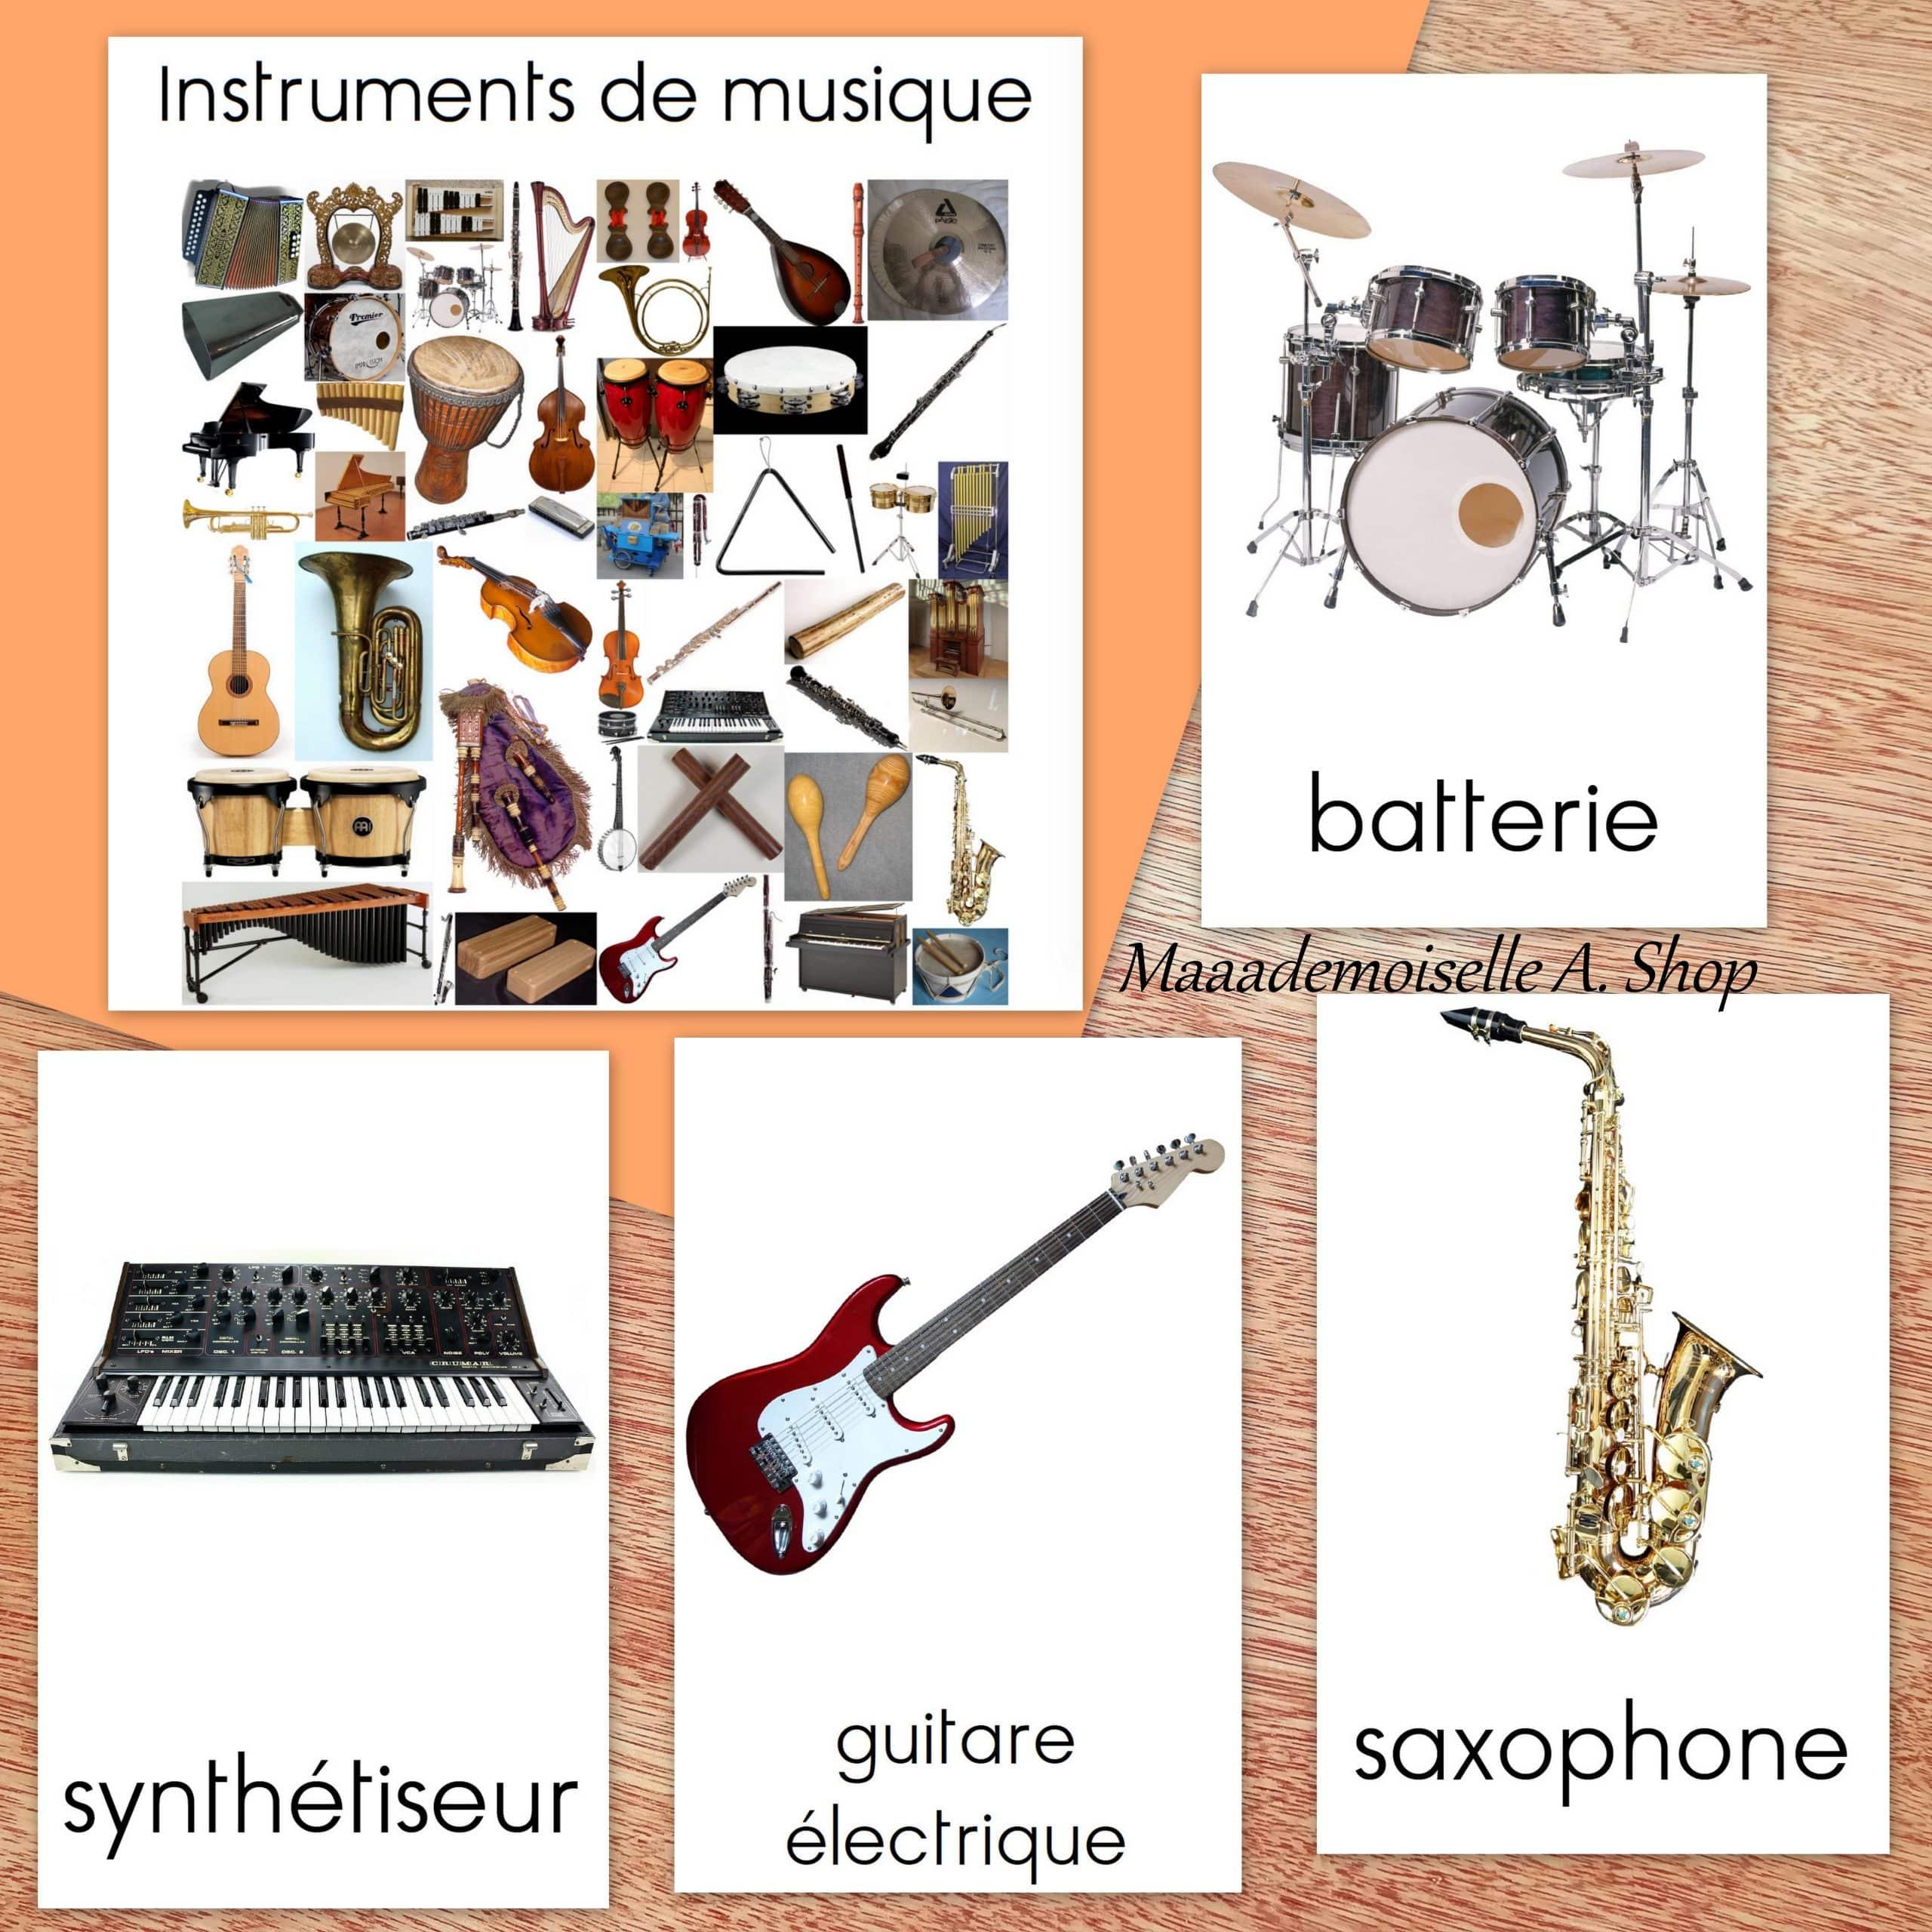 Cartes De Nomenclature Instruments De Musique 54 Cartes Pochette De Rangement Maaademoiselle A Shop